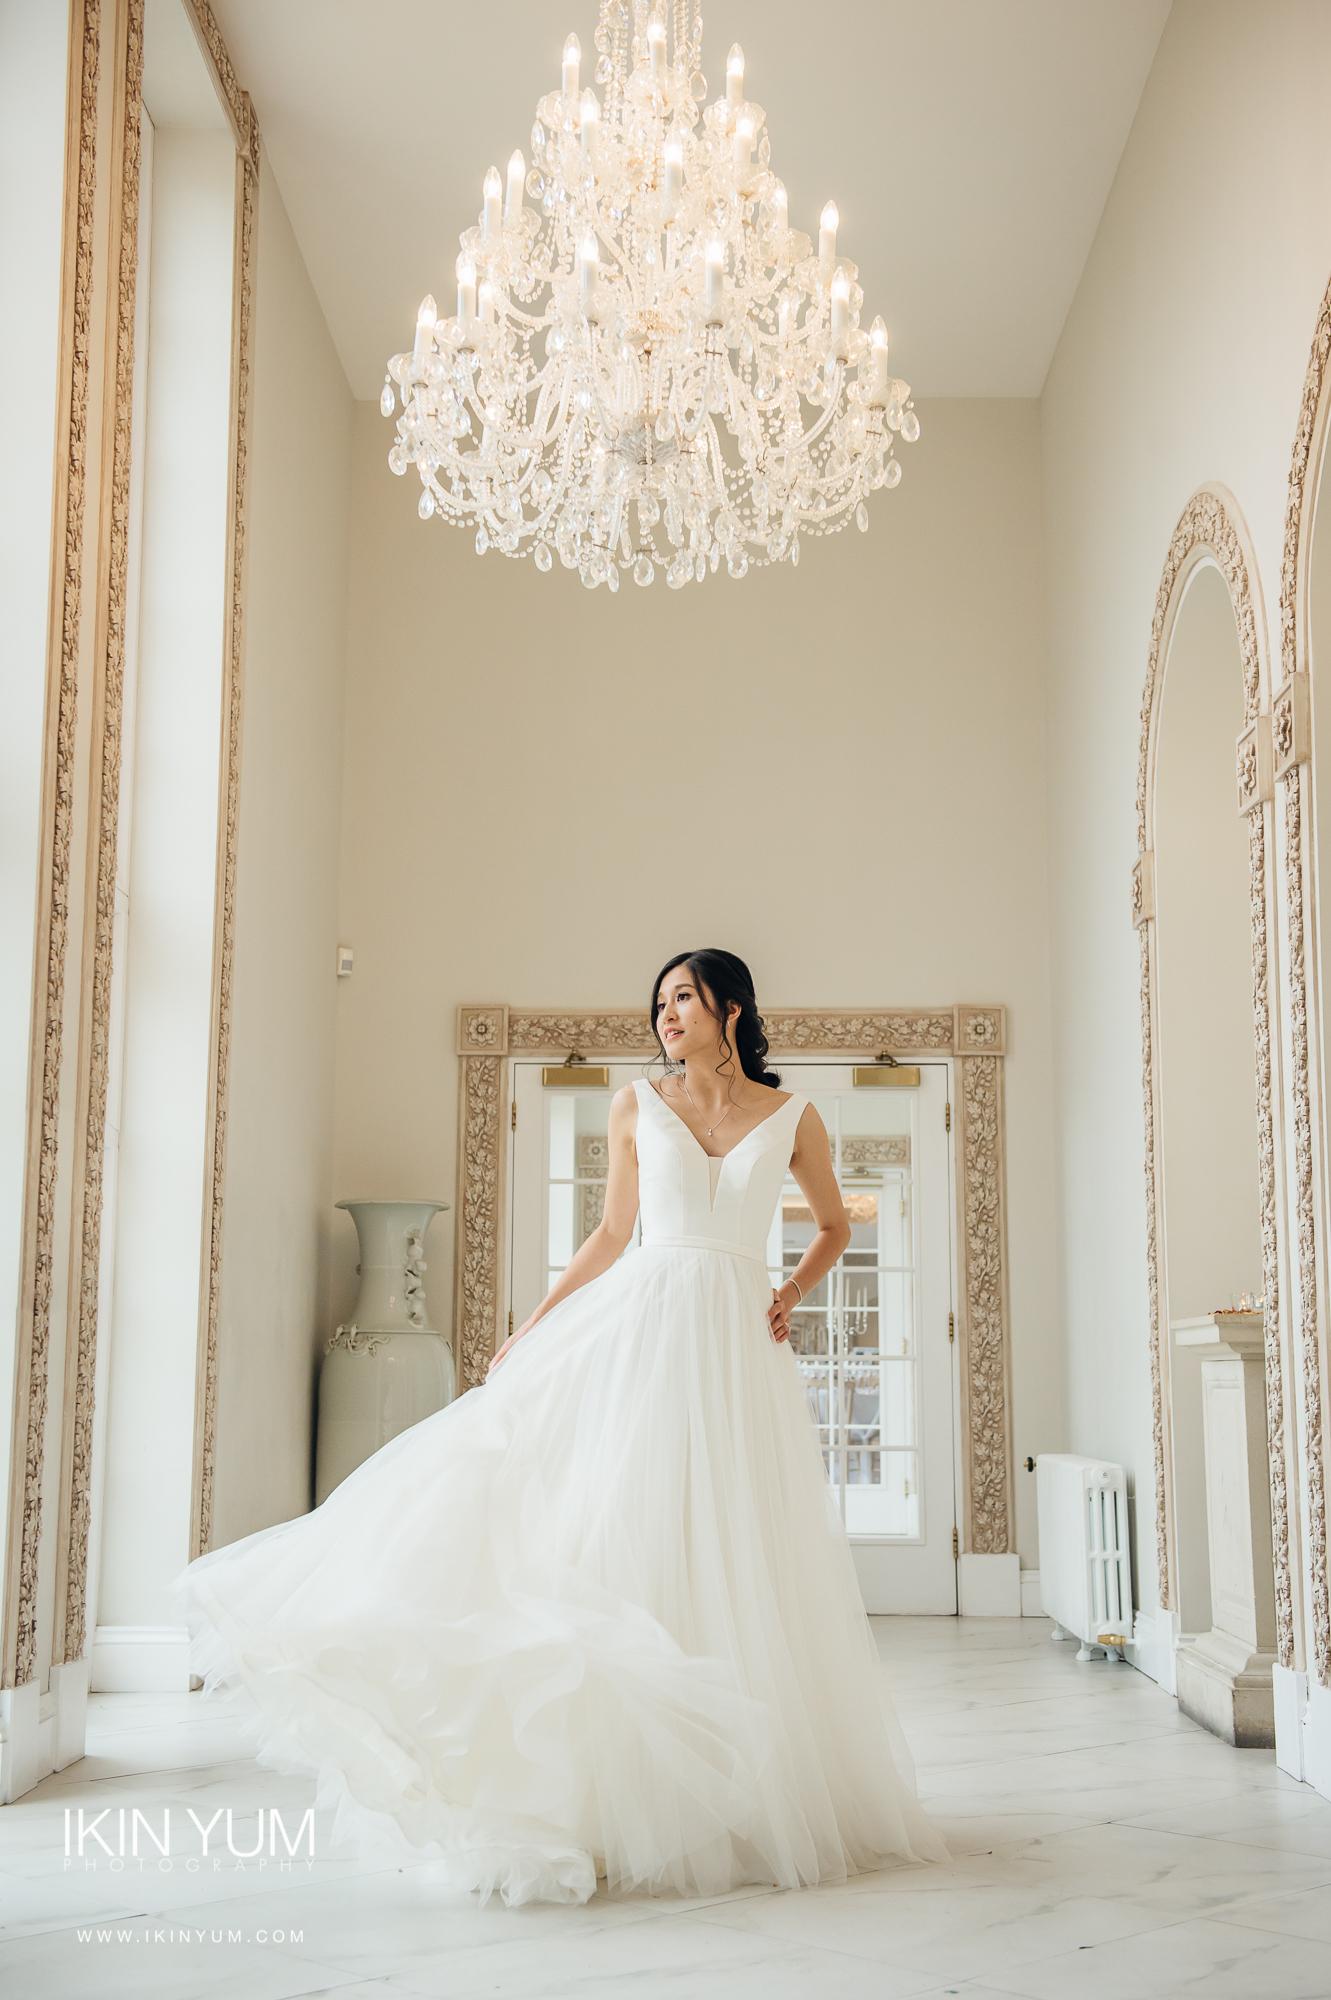 Nicola & Jonny Wedding Day - Ikin Yum Photography-102.jpg